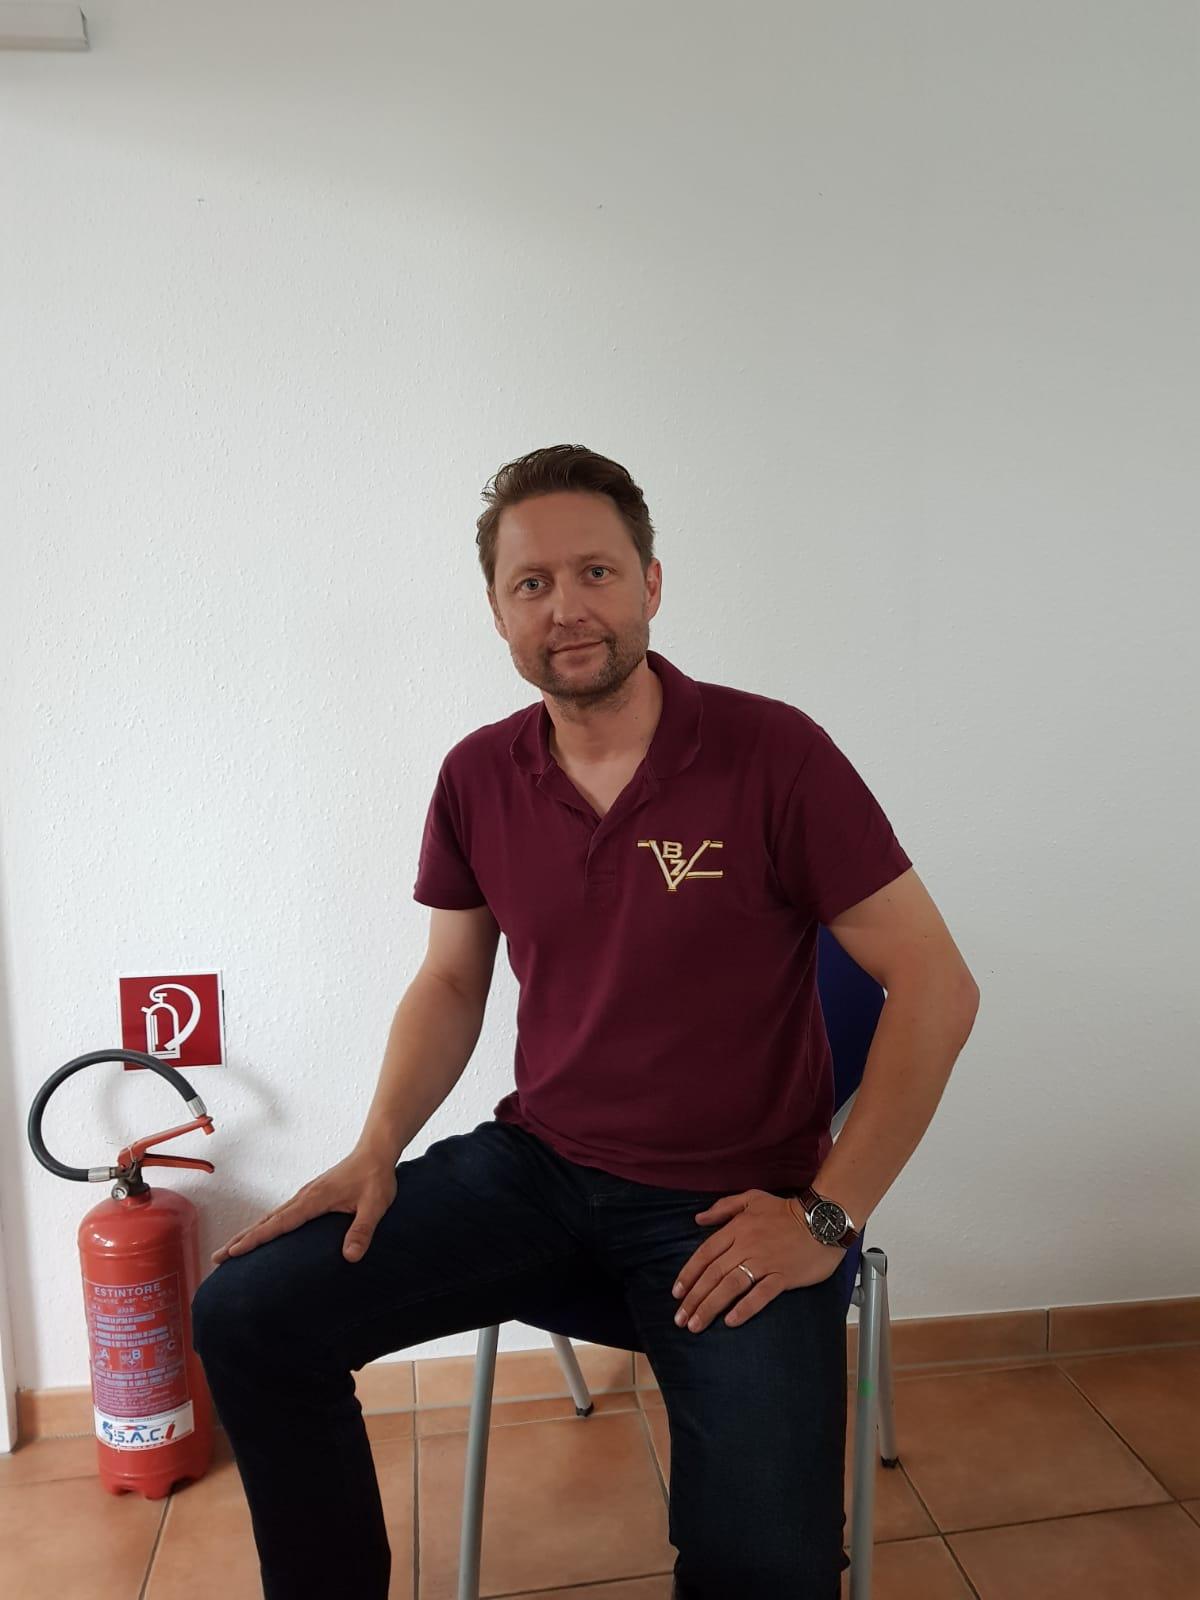 Team VBZ - Bernhard Schmidl